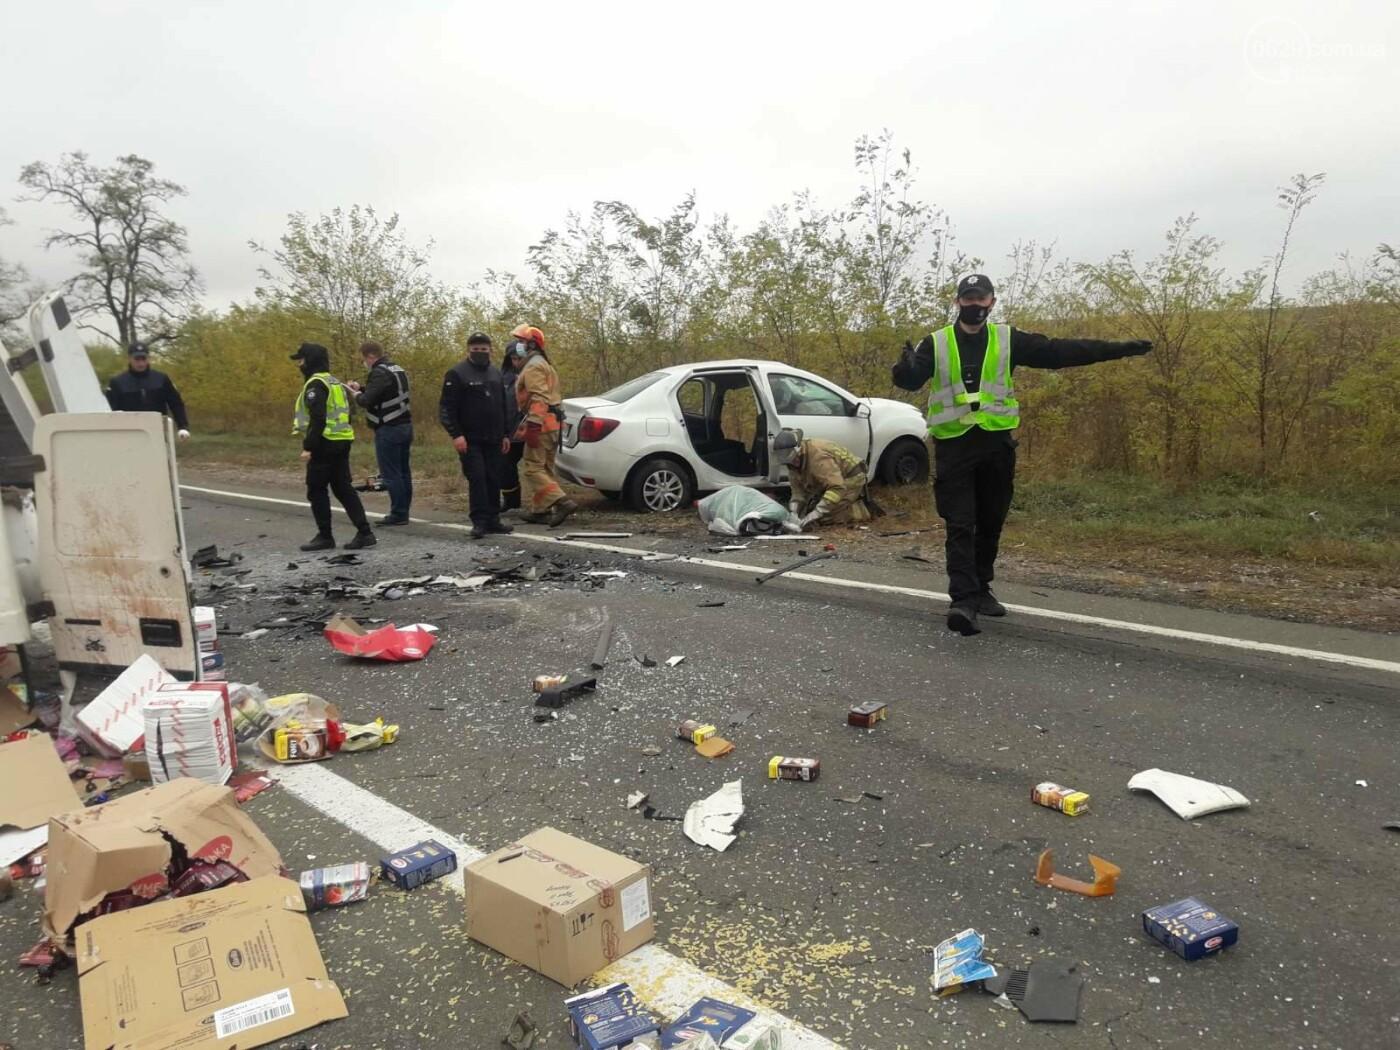 Автомобили вдребезги. В аварии на трассе под Мариуполем погибли два водителя, - ФОТО 18+, фото-12